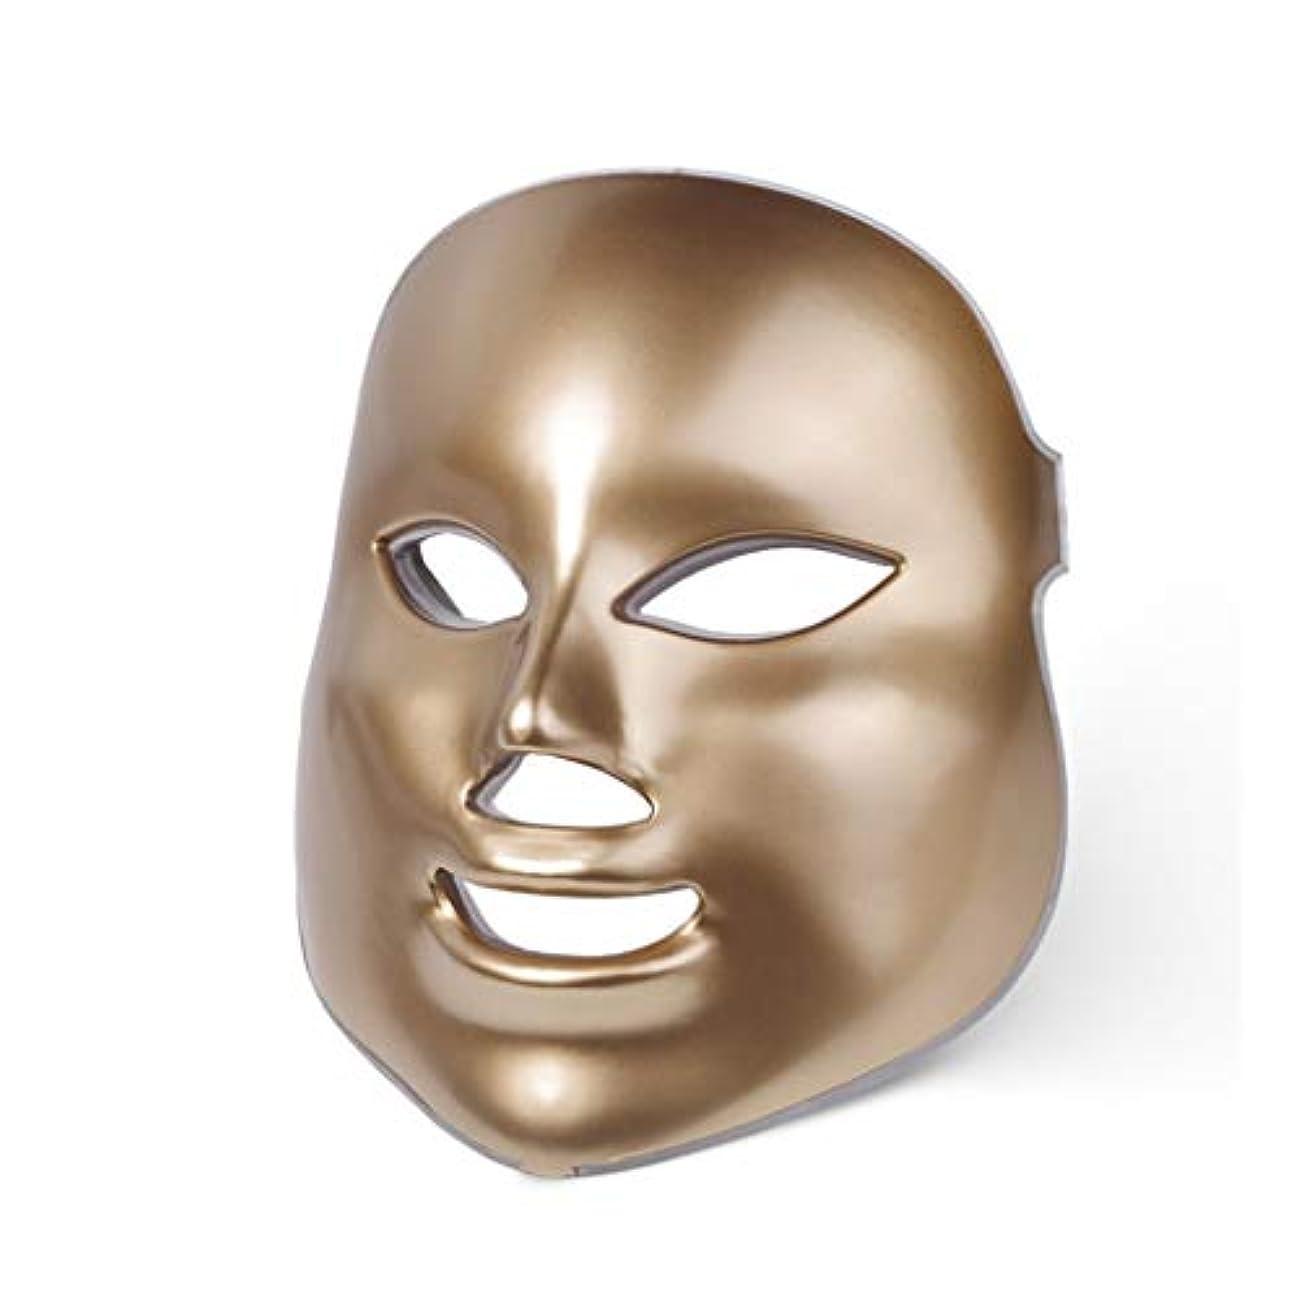 お願いします反動続けるライトセラピー?マスク、LEDライトセラピーフォトン顔がマシン7色のアンチエイジングスキンケアライトセラピーにきびマスクトーニング、しわ、アクネホワイトニングゴールドマスクマスク (Color : Gold)